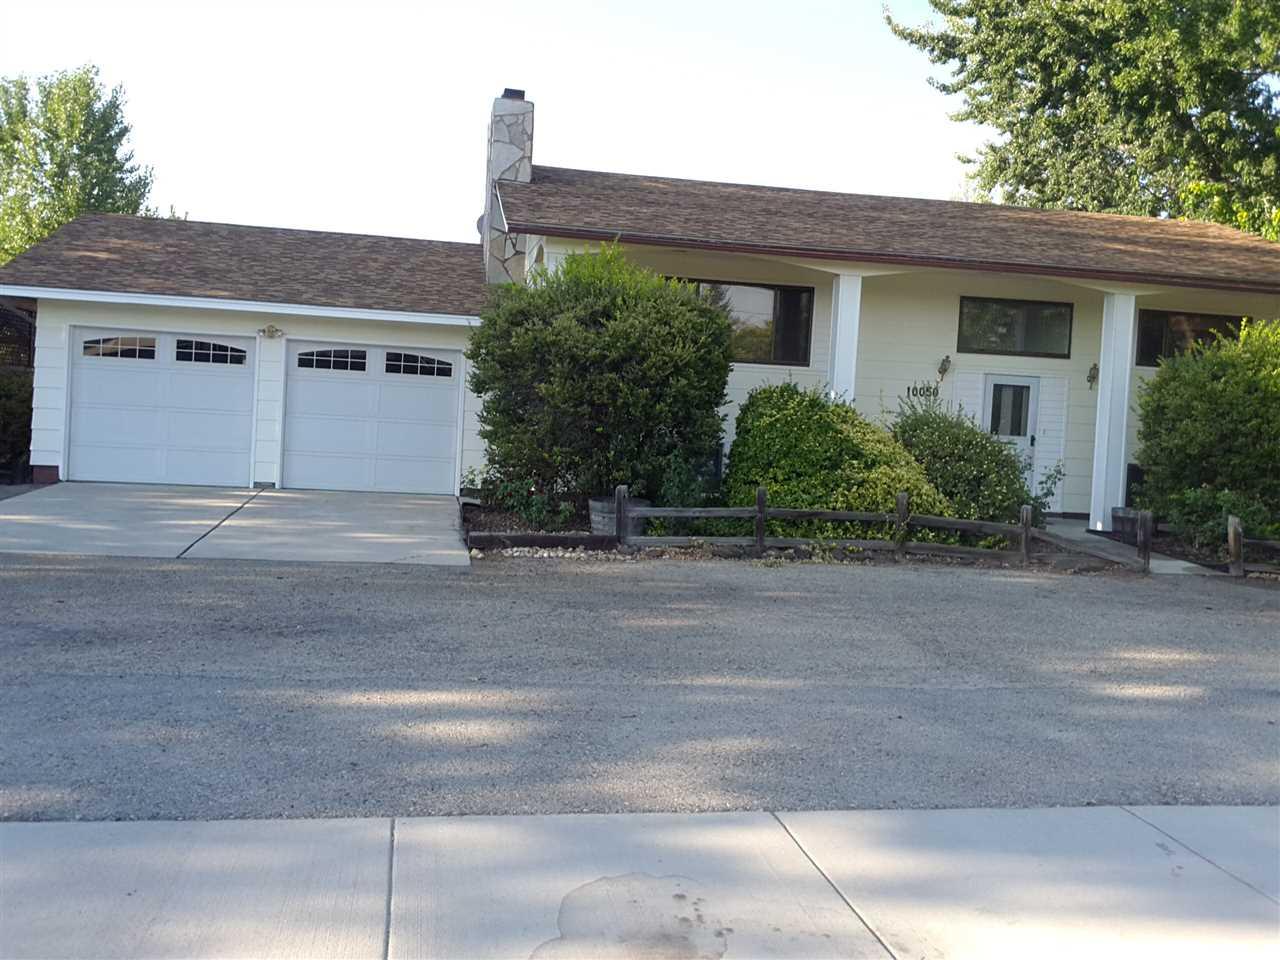 10050 W Ustick, Boise, ID 83704